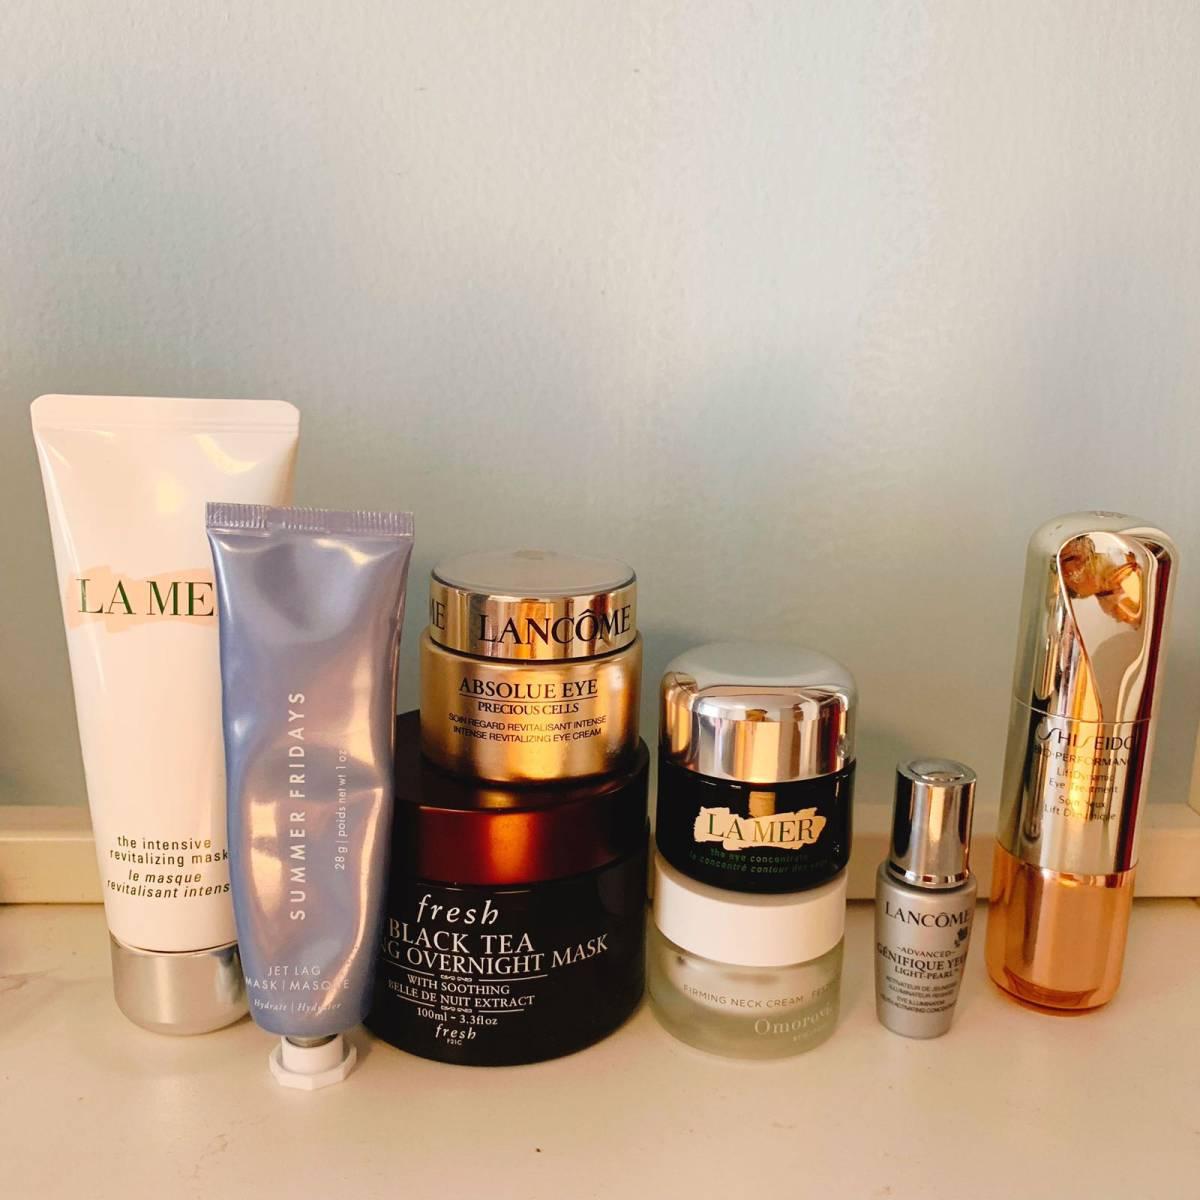 #我家梳妆台#日常爱用品分享 🍇一、爽肤水和喷雾 图上介绍